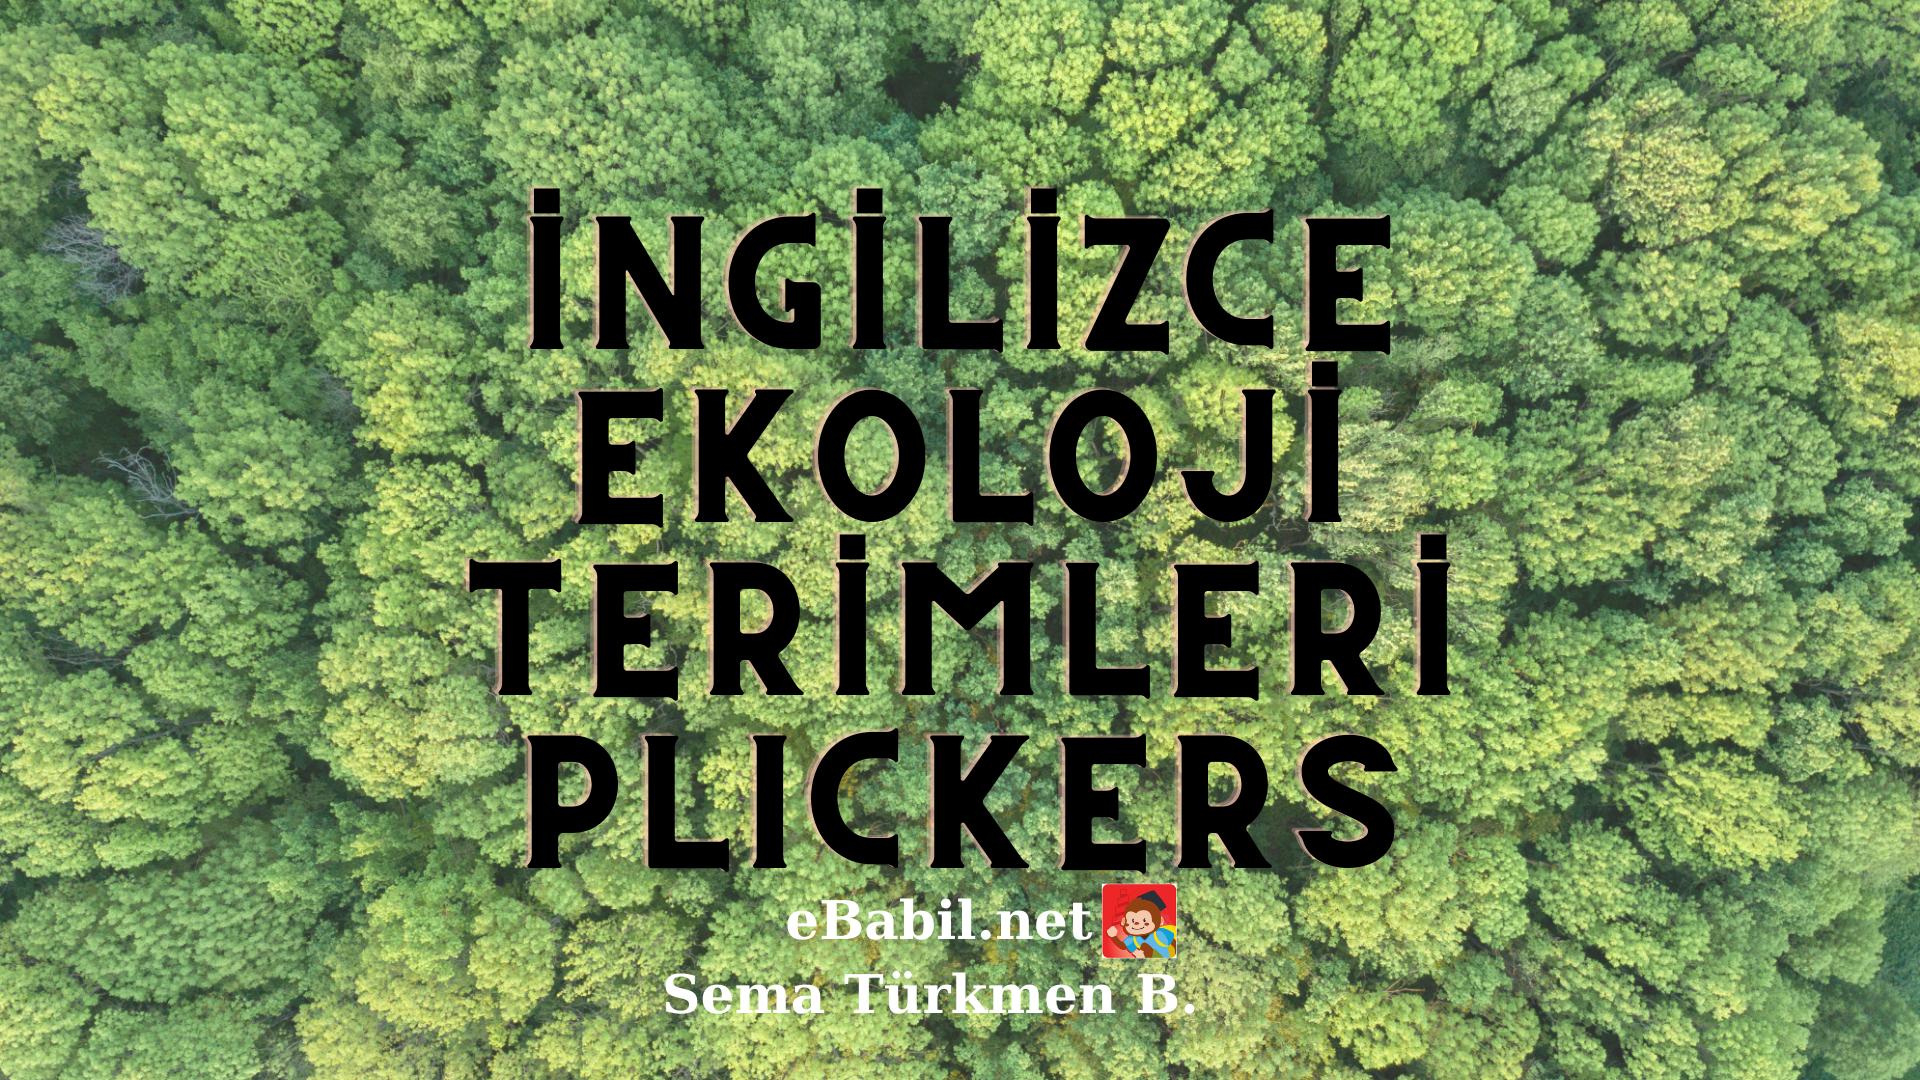 Kelime Oyunu (Plickers): İngilizce Ekoloji Terimleri (Ecology Terms)